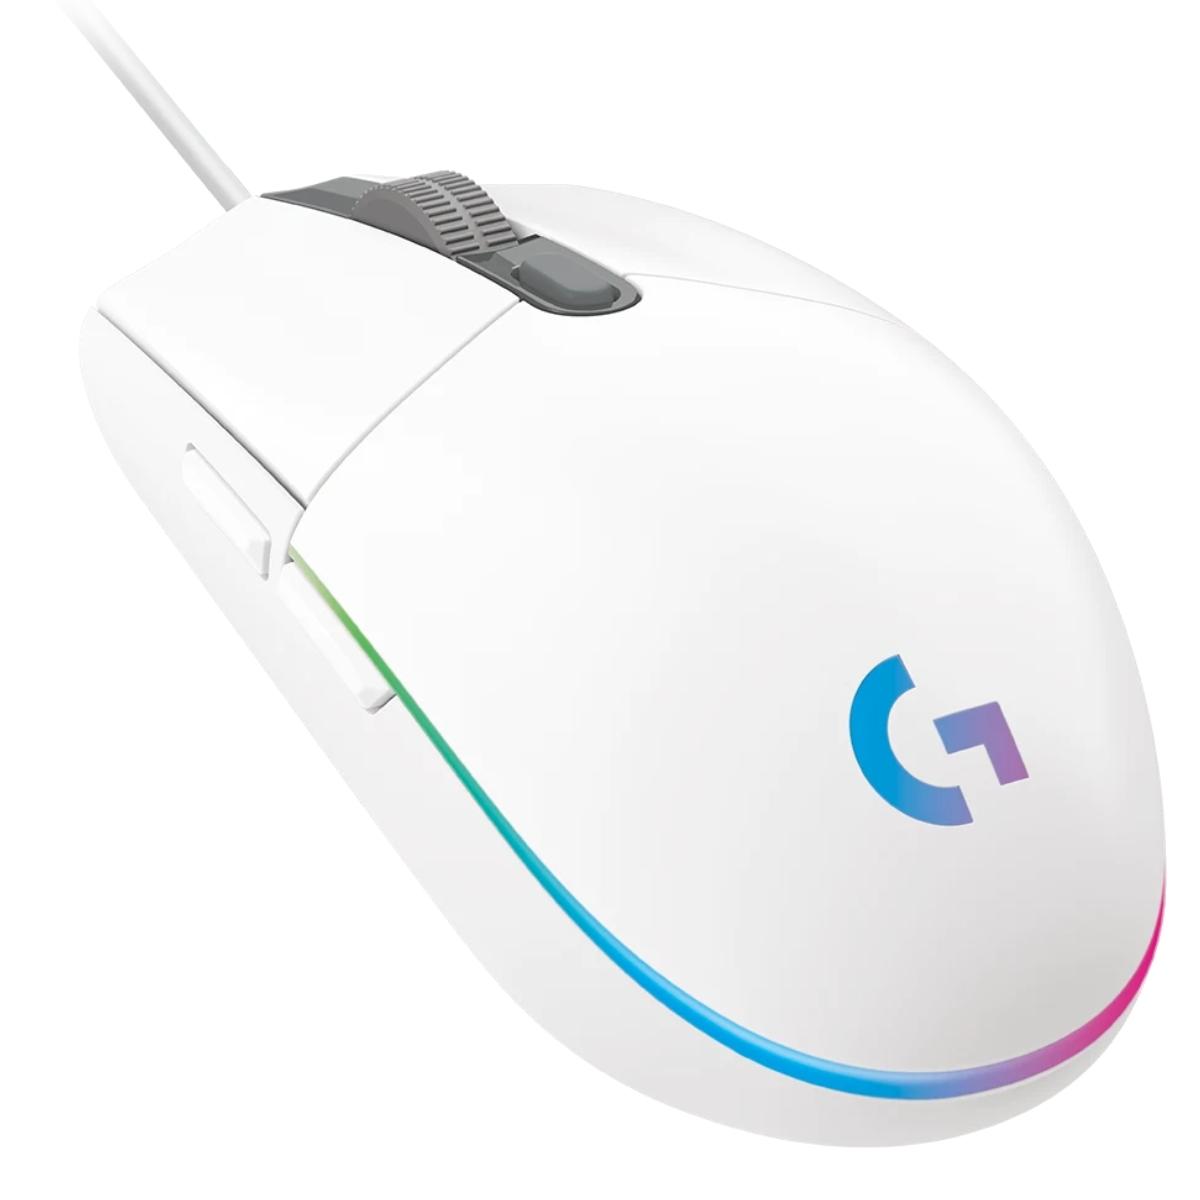 עכבר גיימינג חוטי לבן -LOGITECH G102 LIGHTSYNC